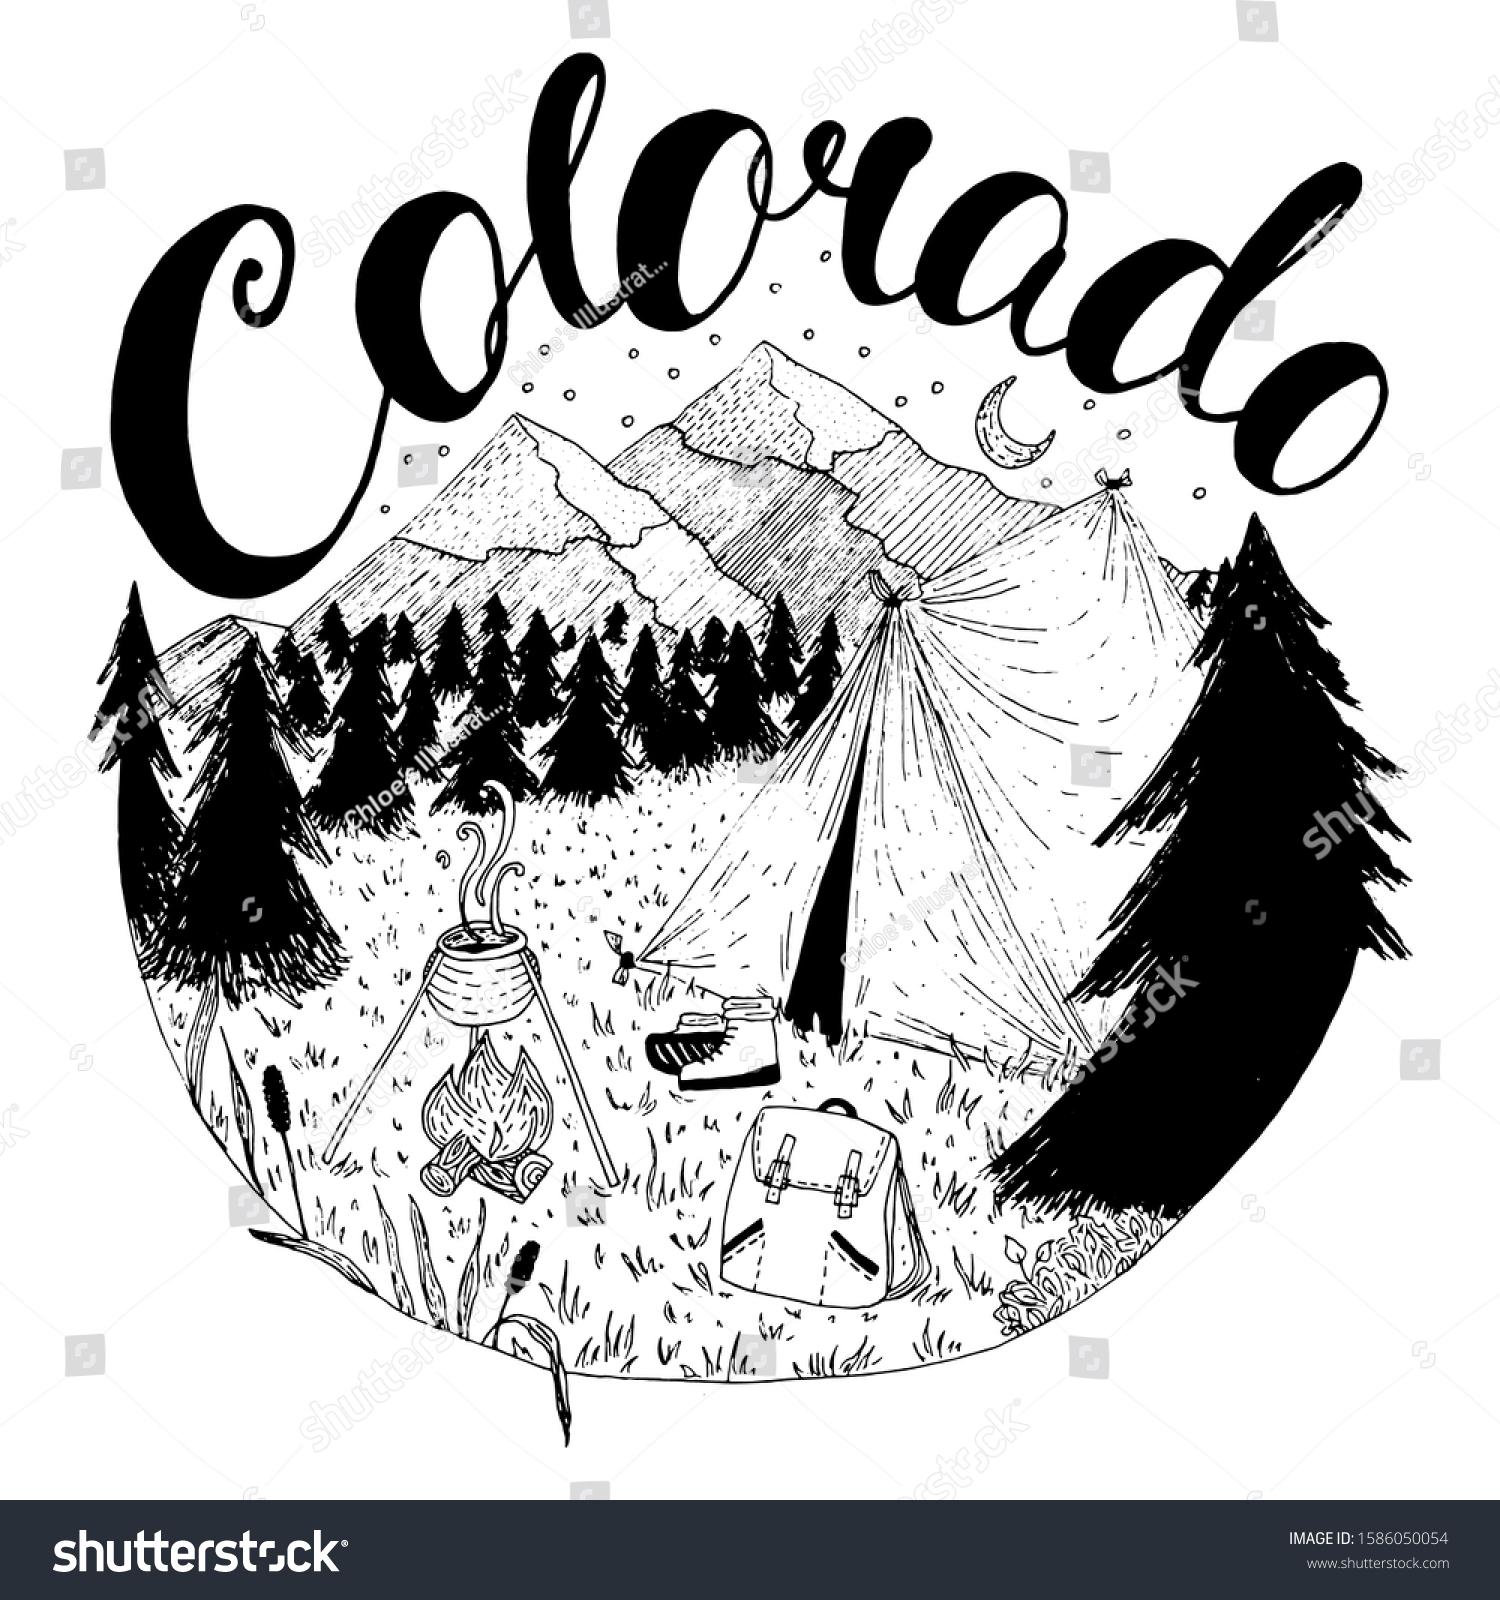 stock-vector-colorado-camping-vector-ink